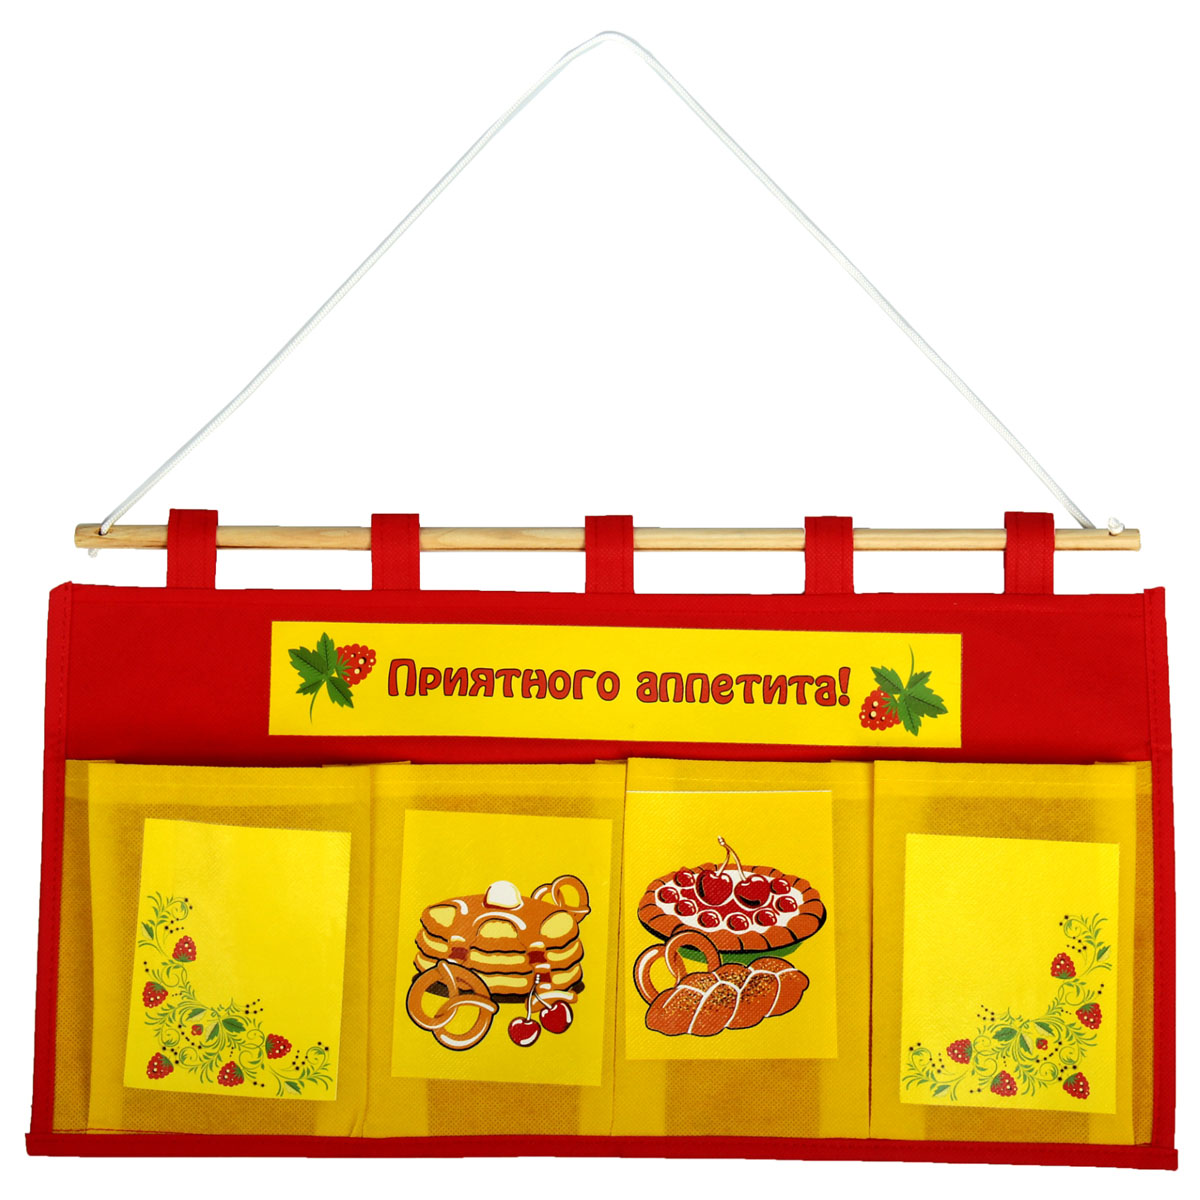 Кармашки на стену Sima-land Приятного аппетита!, цвет: красный, желтый, коричневый, 4 шт842452Кармашки на стену Sima-land «Приятного аппетита!», изготовленные из текстиля, предназначены для хранения необходимых вещей, множества мелочей в гардеробной, ванной, детской комнатах. Изделие представляет собой текстильное полотно с четырьмя пришитыми кармашками. Благодаря деревянной планке и шнурку, кармашки можно подвесить на стену или дверь в необходимом для вас месте. Кармашки декорированы изображениями булок, пирога, кренделей и надписью «Приятного аппетита!».Этот нужный предмет может стать одновременно и декоративным элементом комнаты. Яркий дизайн, как ничто иное, способен оживить интерьер вашего дома.